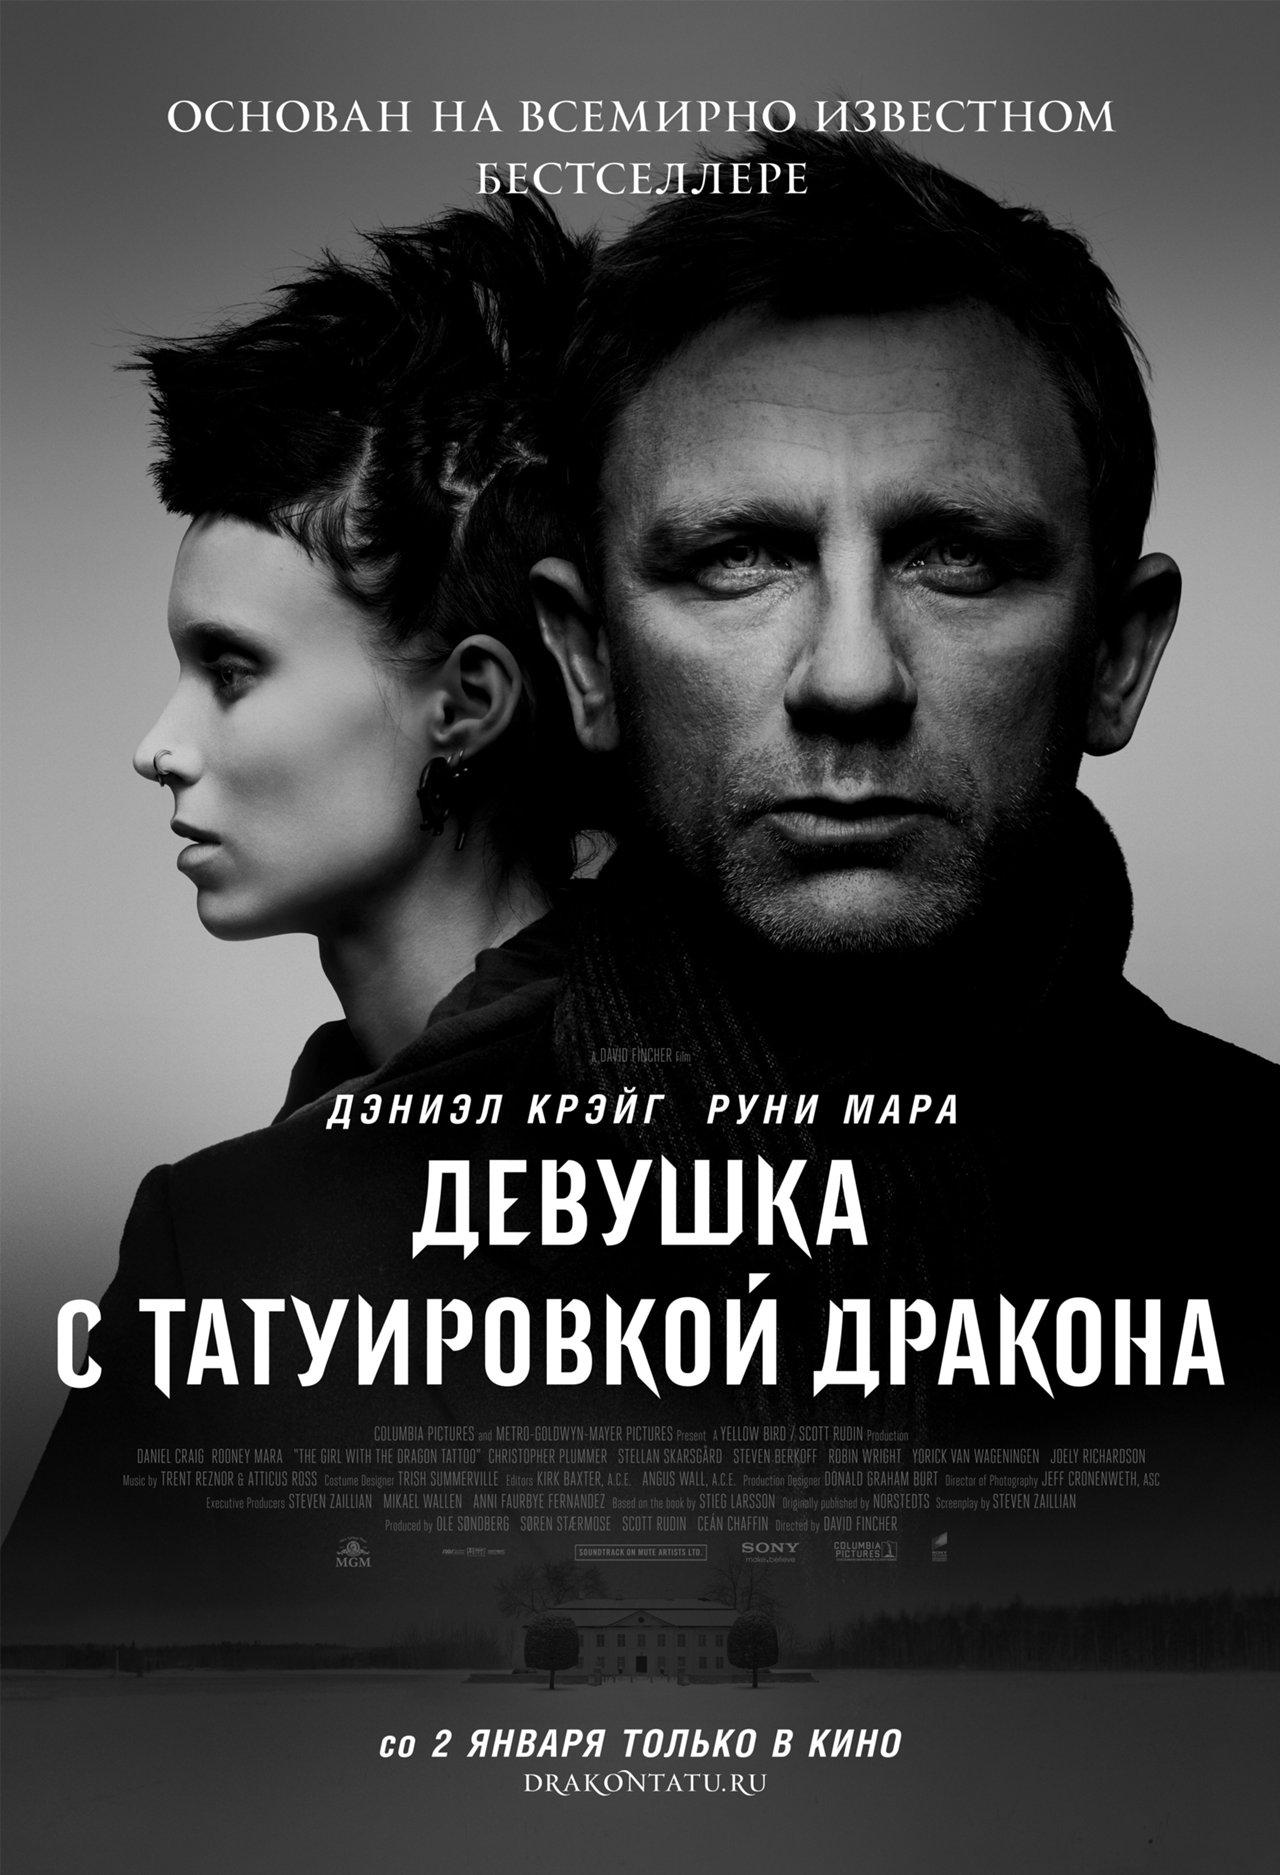 «Смотреть Ангус Фильм» — 1989